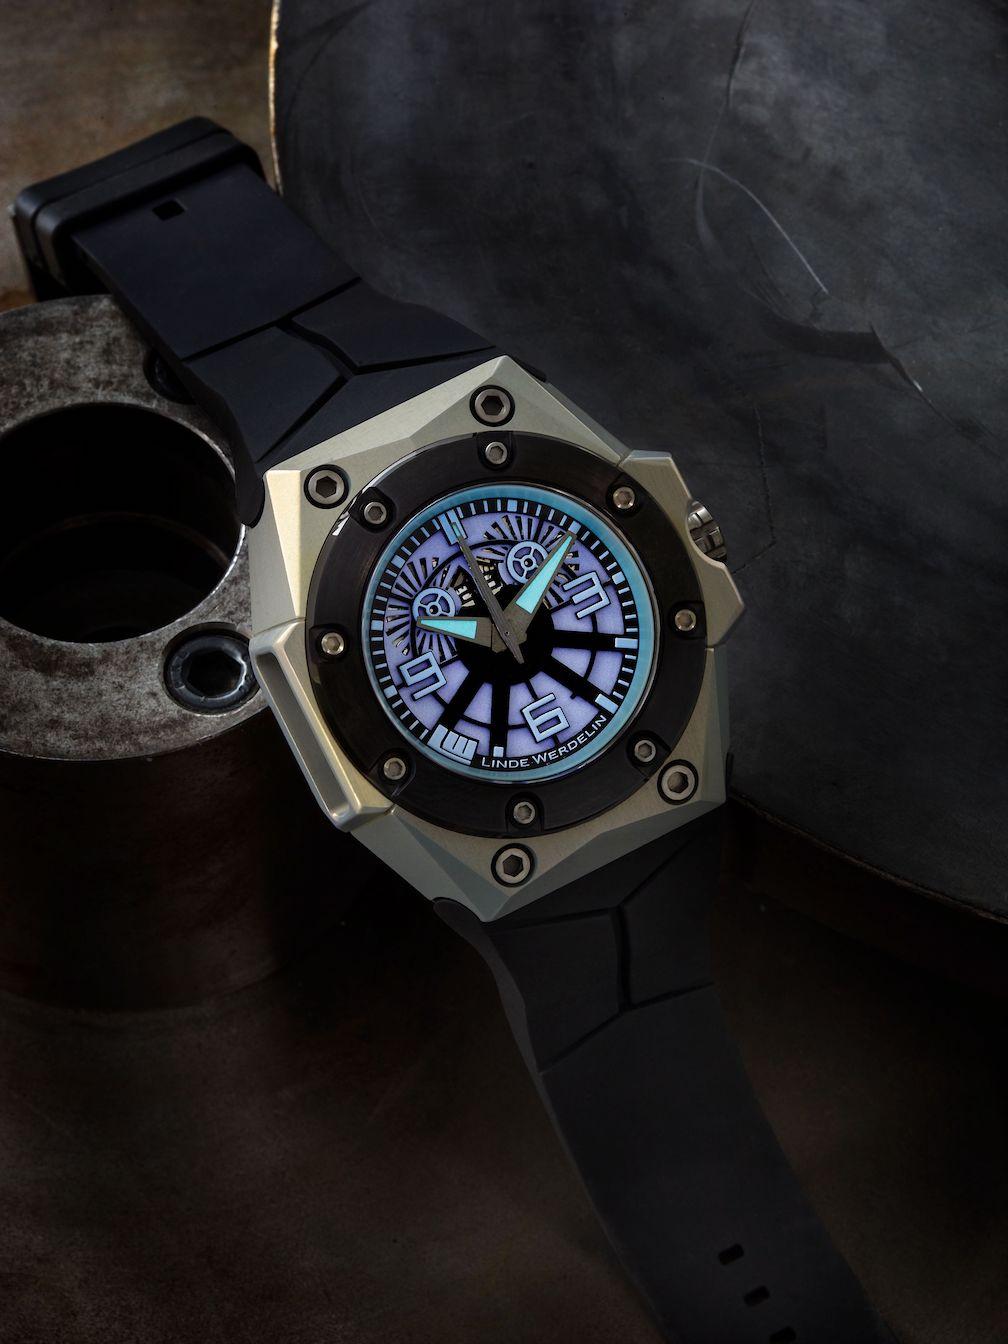 Linde Werdelin x Black Badger Oktopus Blue Sea watch